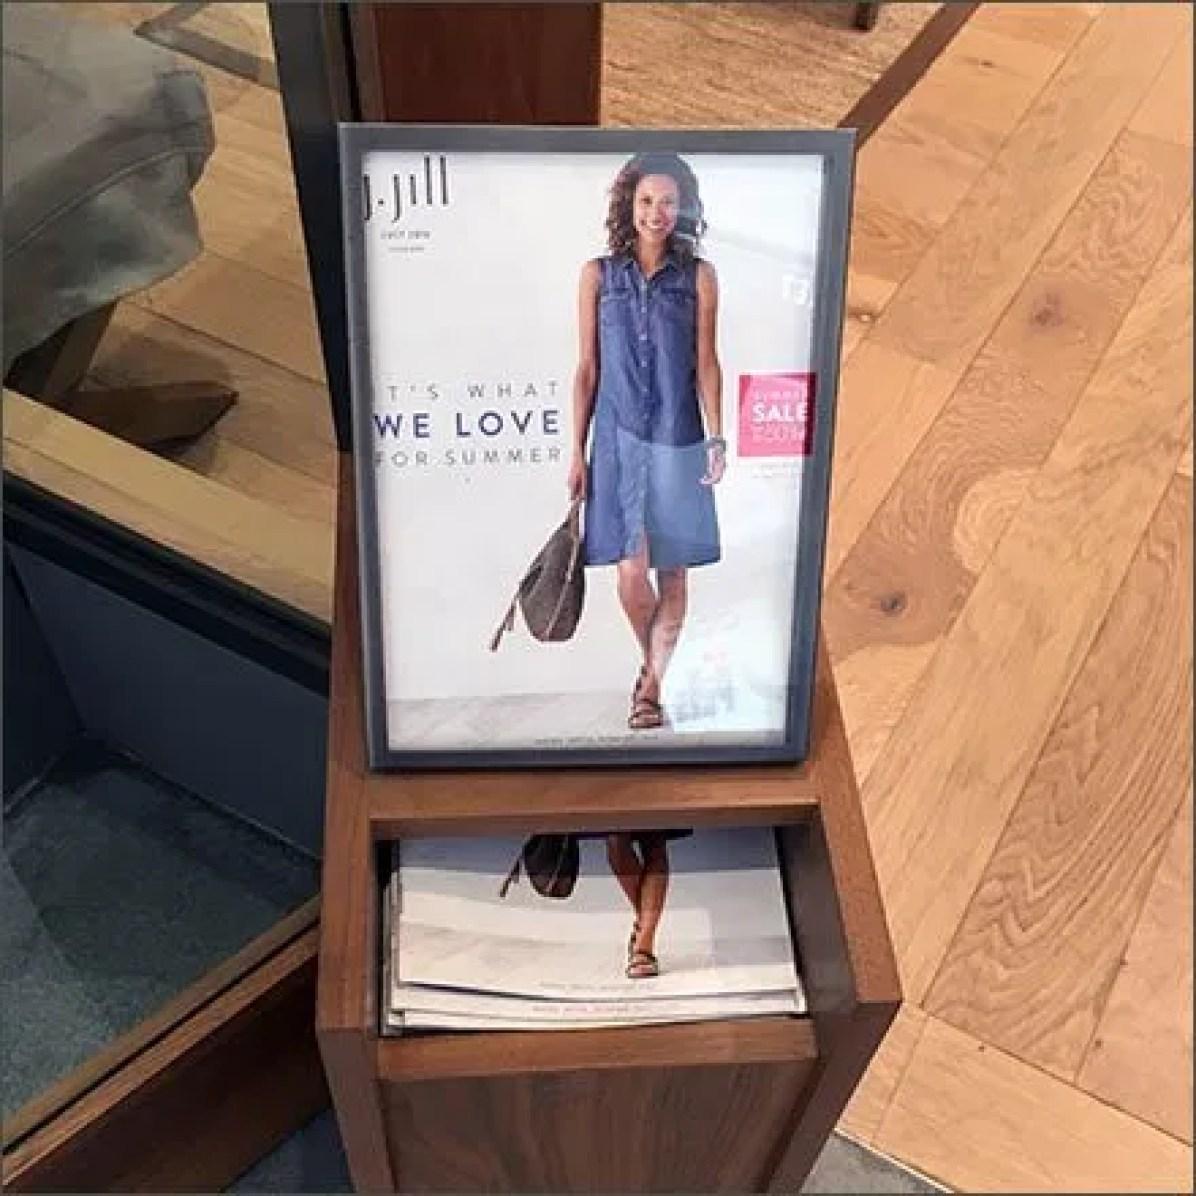 J Jill Catalog Literature Holder Feature